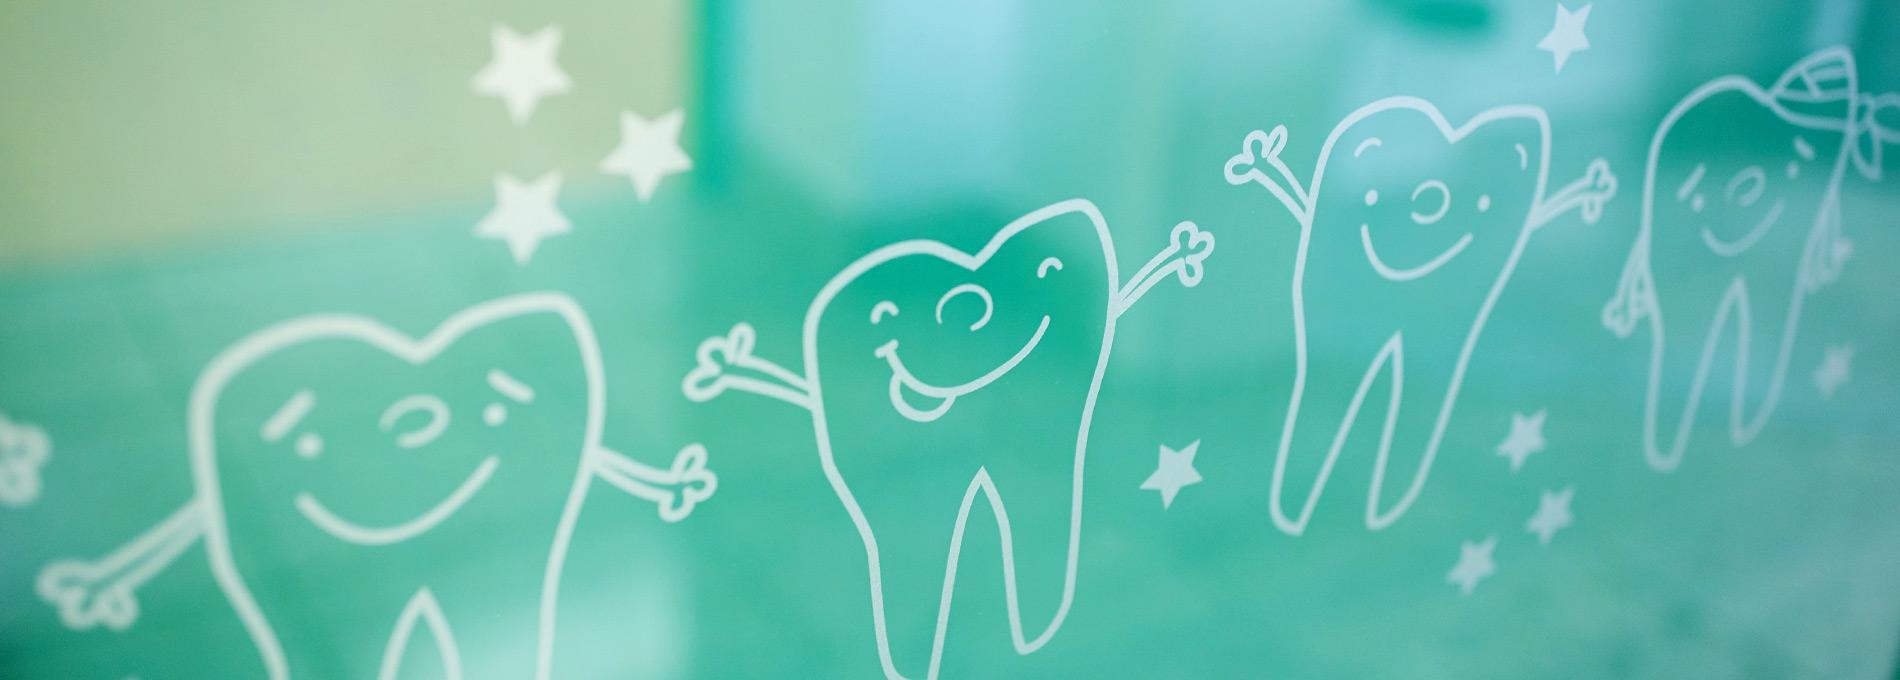 Zahnarztpraxis  Zahnrhein in Walluf - Impressum